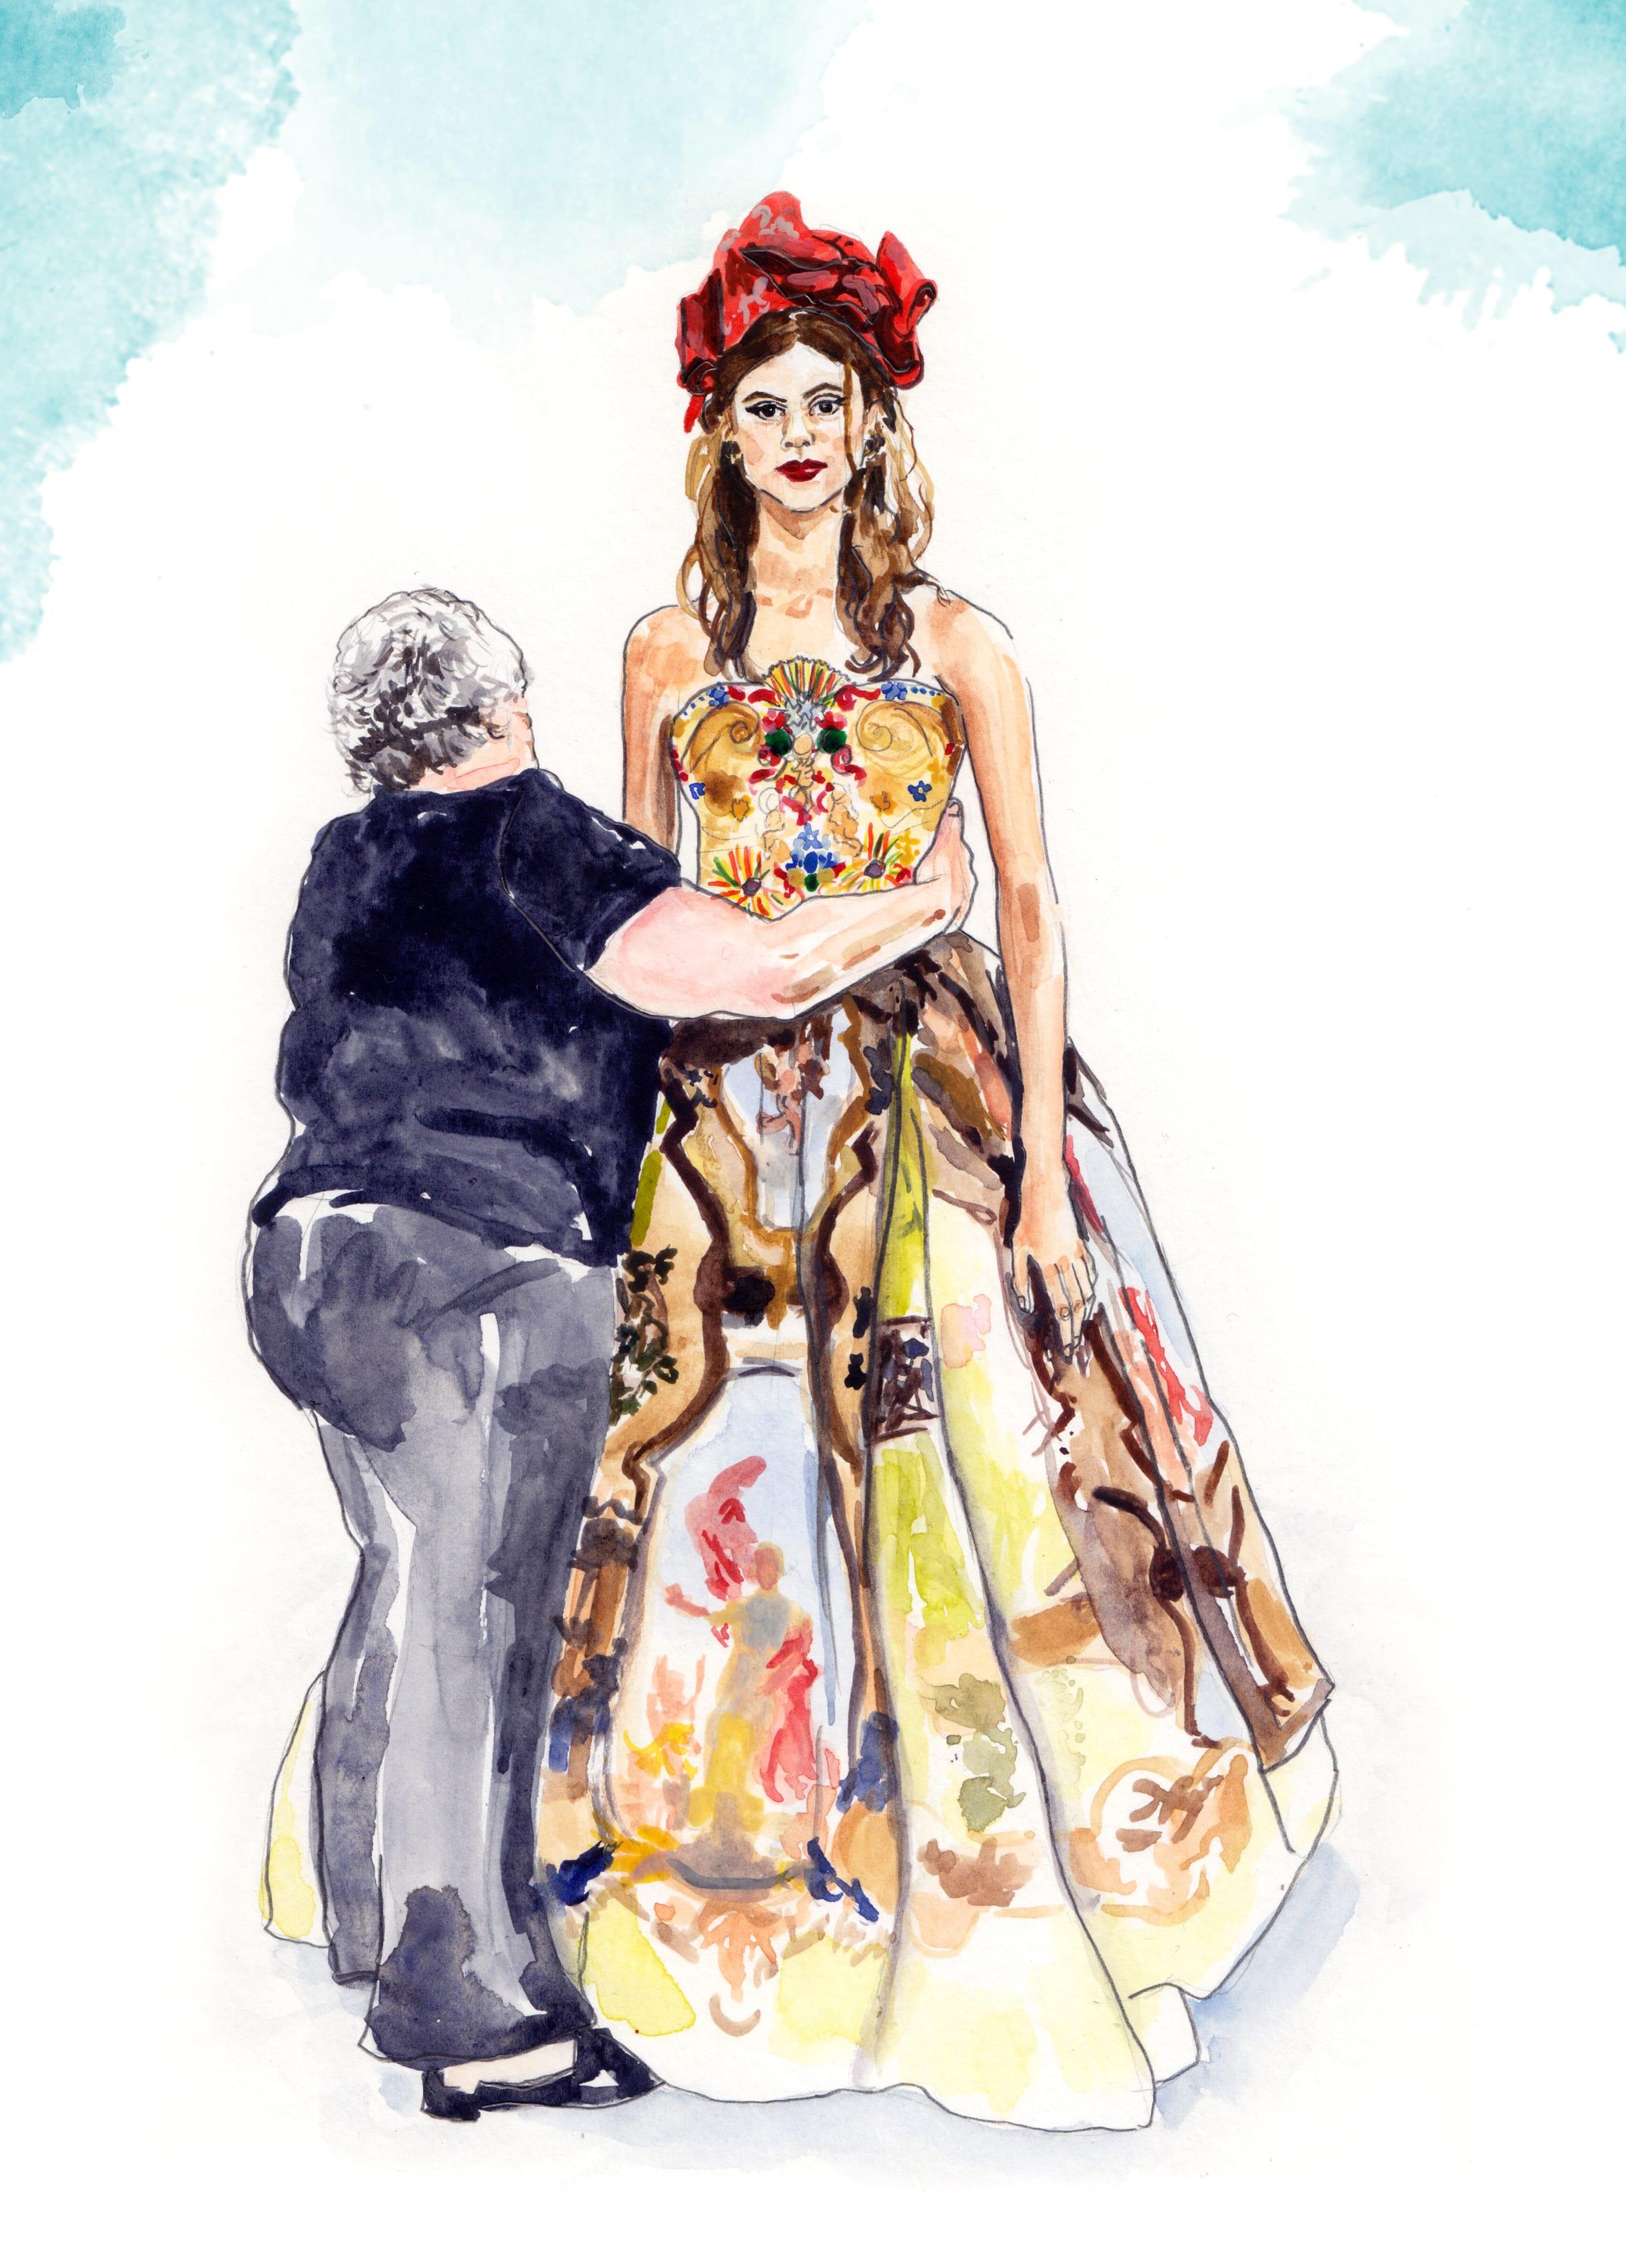 Dolce&Gabbana_3_EmilieSheehan.jpg